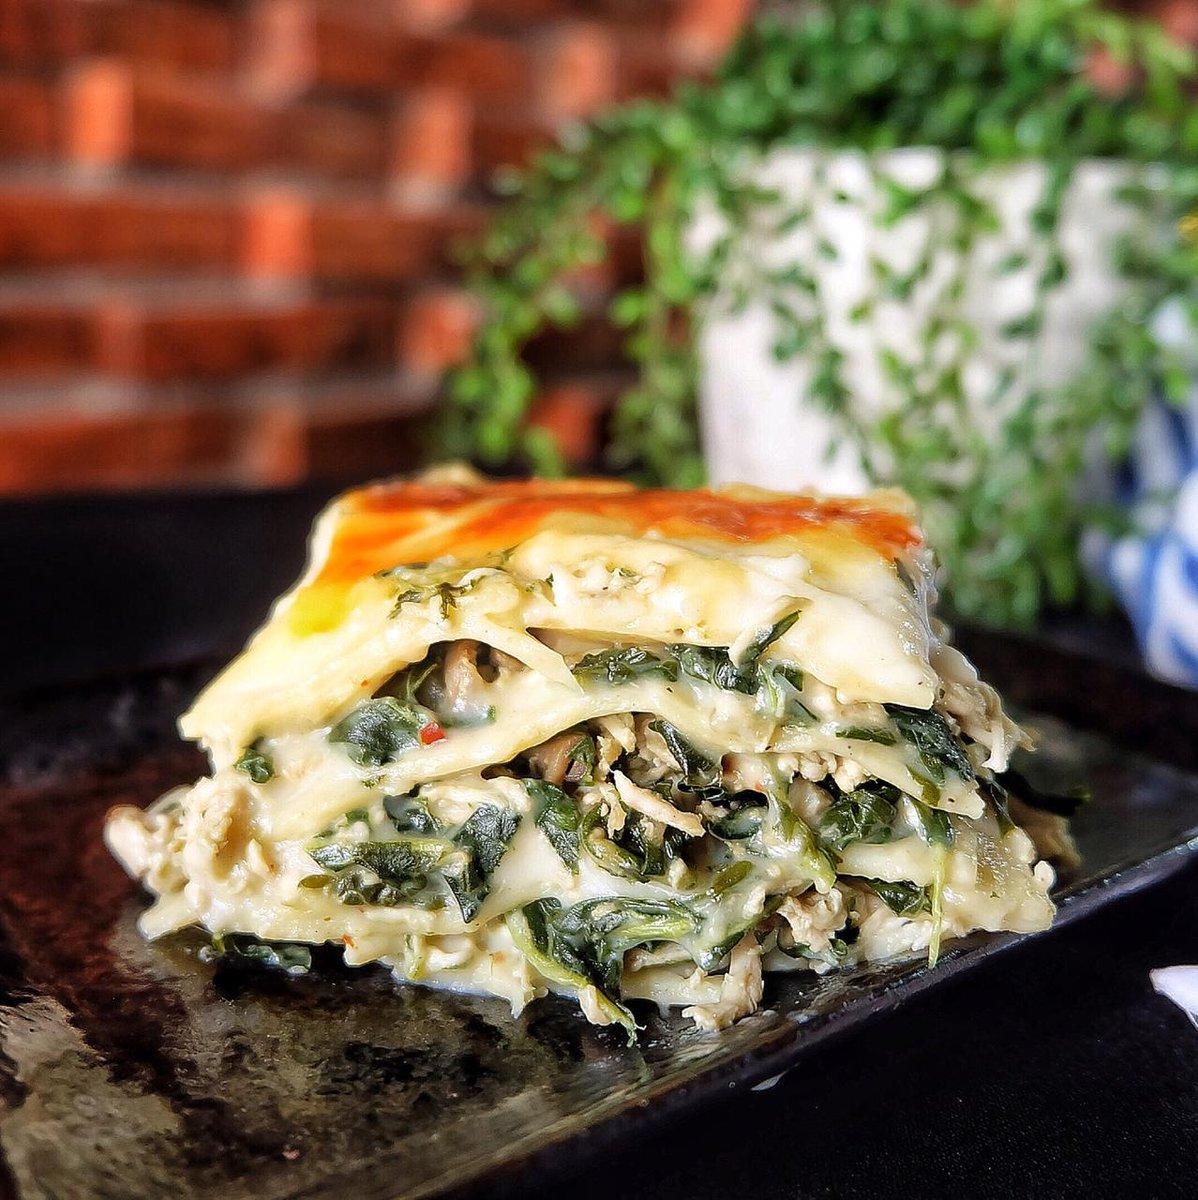 Percaya ga ini menu diet?  cuma di @befit_kitchen bisa diet tanpa tersiksa! No MSG, No palm oil, low fat, low sodium, dihitung kalori & nutrisinya. Ada 300 menu, dijamin ga bosan. Makan sehat tetap nikmat!  ORDER klik link: http://befit-kitchen.com/order atau WA:085927400300pic.twitter.com/Y4TQMRgxpF